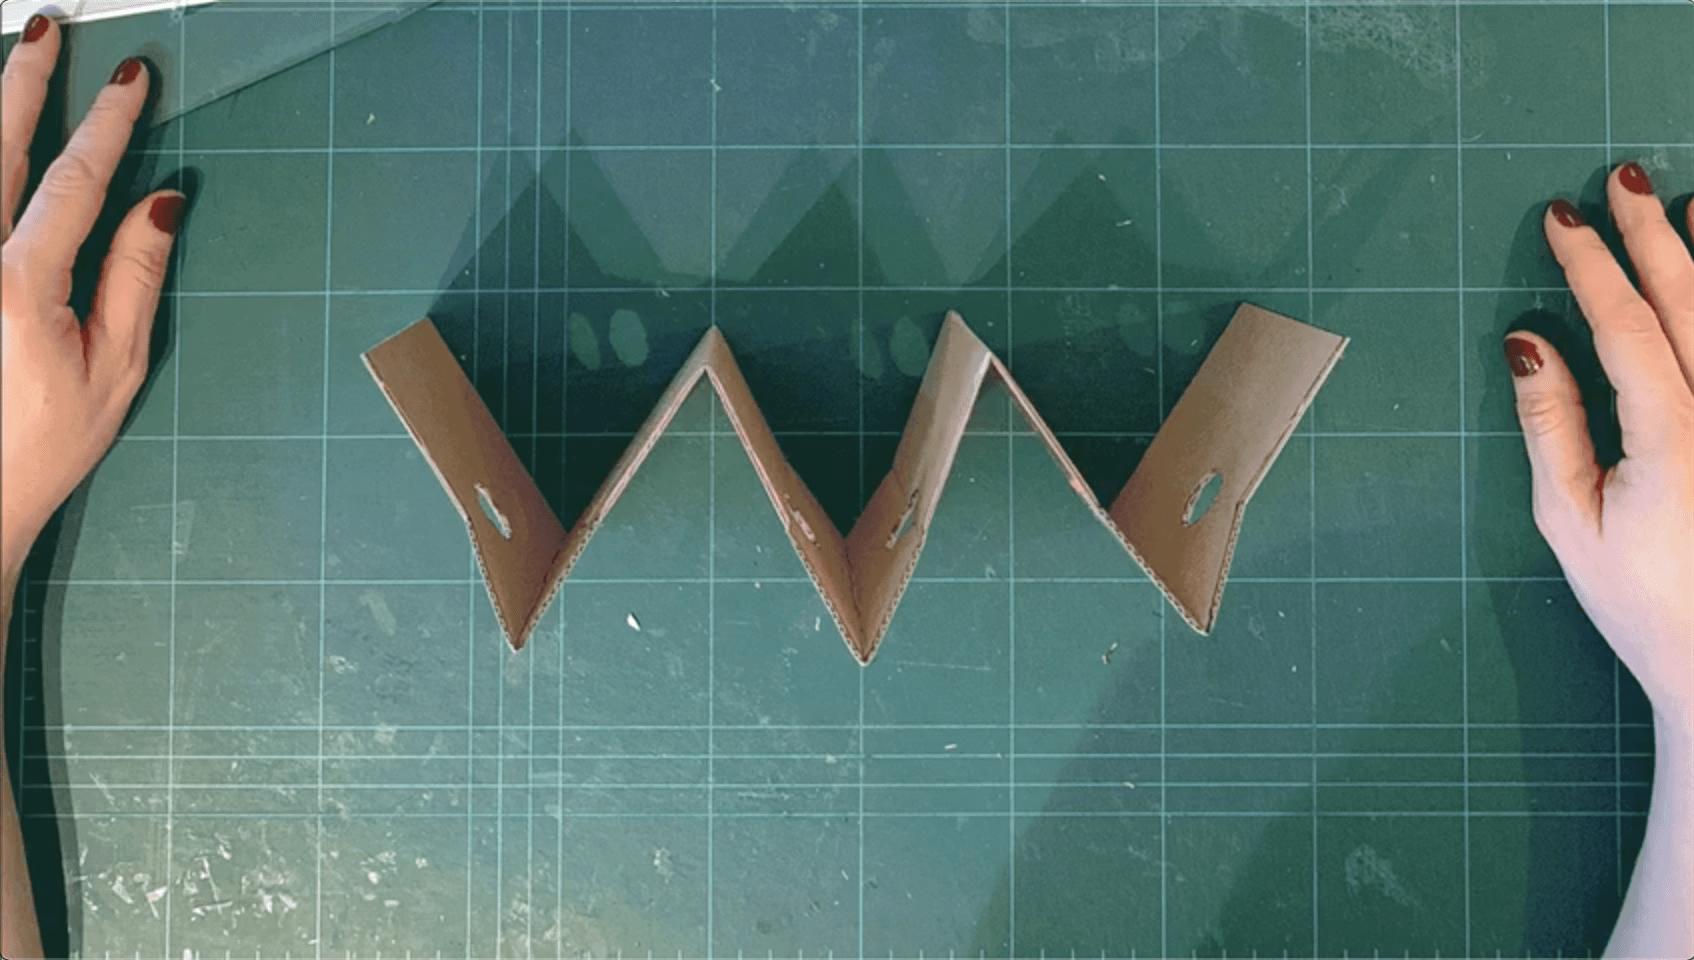 El Protector de manillas DIY que evita contagios que puedes construir gratis 87